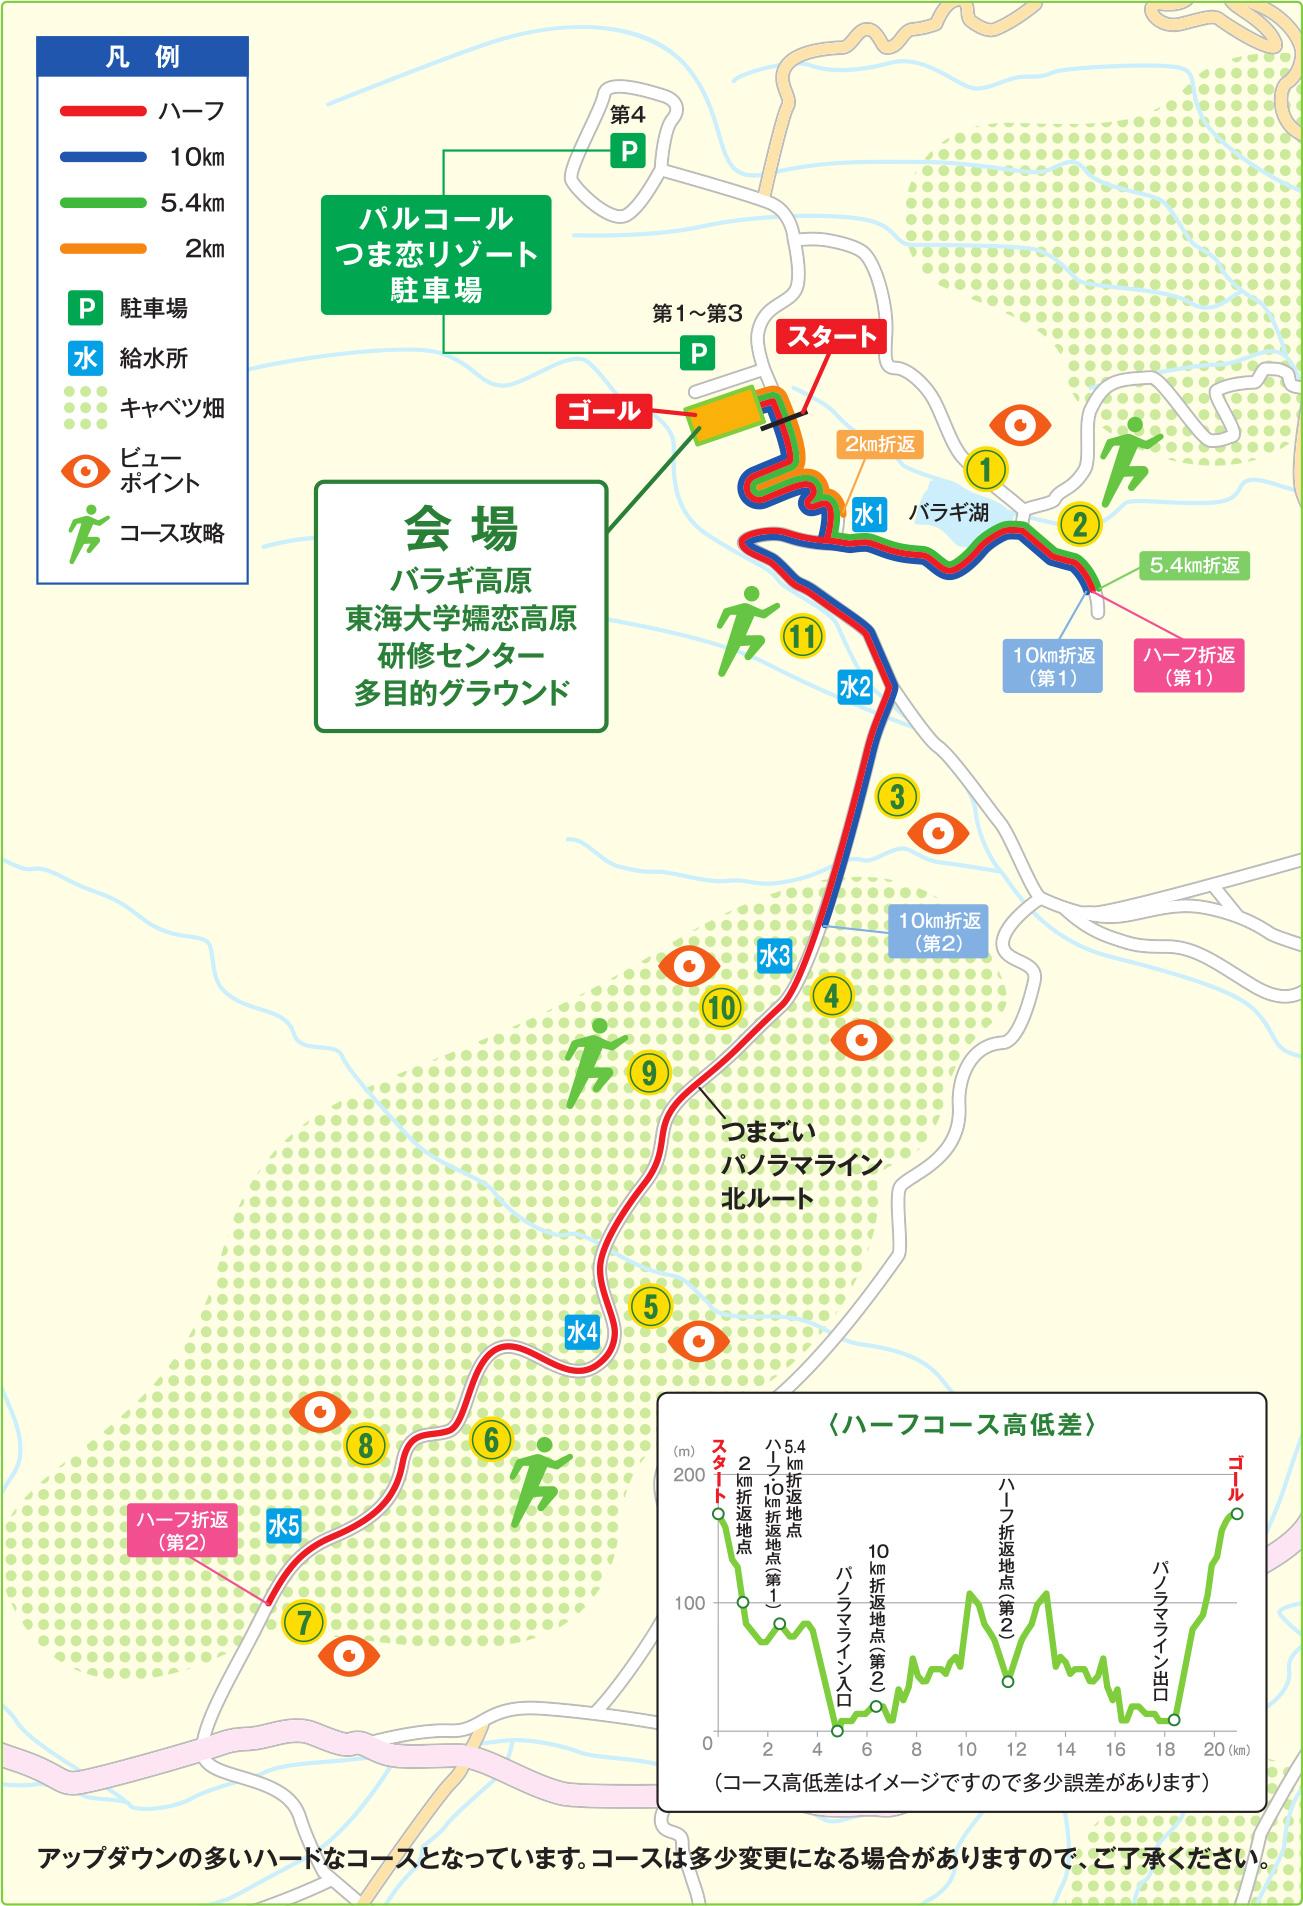 5105372f98c8 コース案内 及び アクセスマップ | 第12回嬬恋高原キャベツマラソン 【公式】